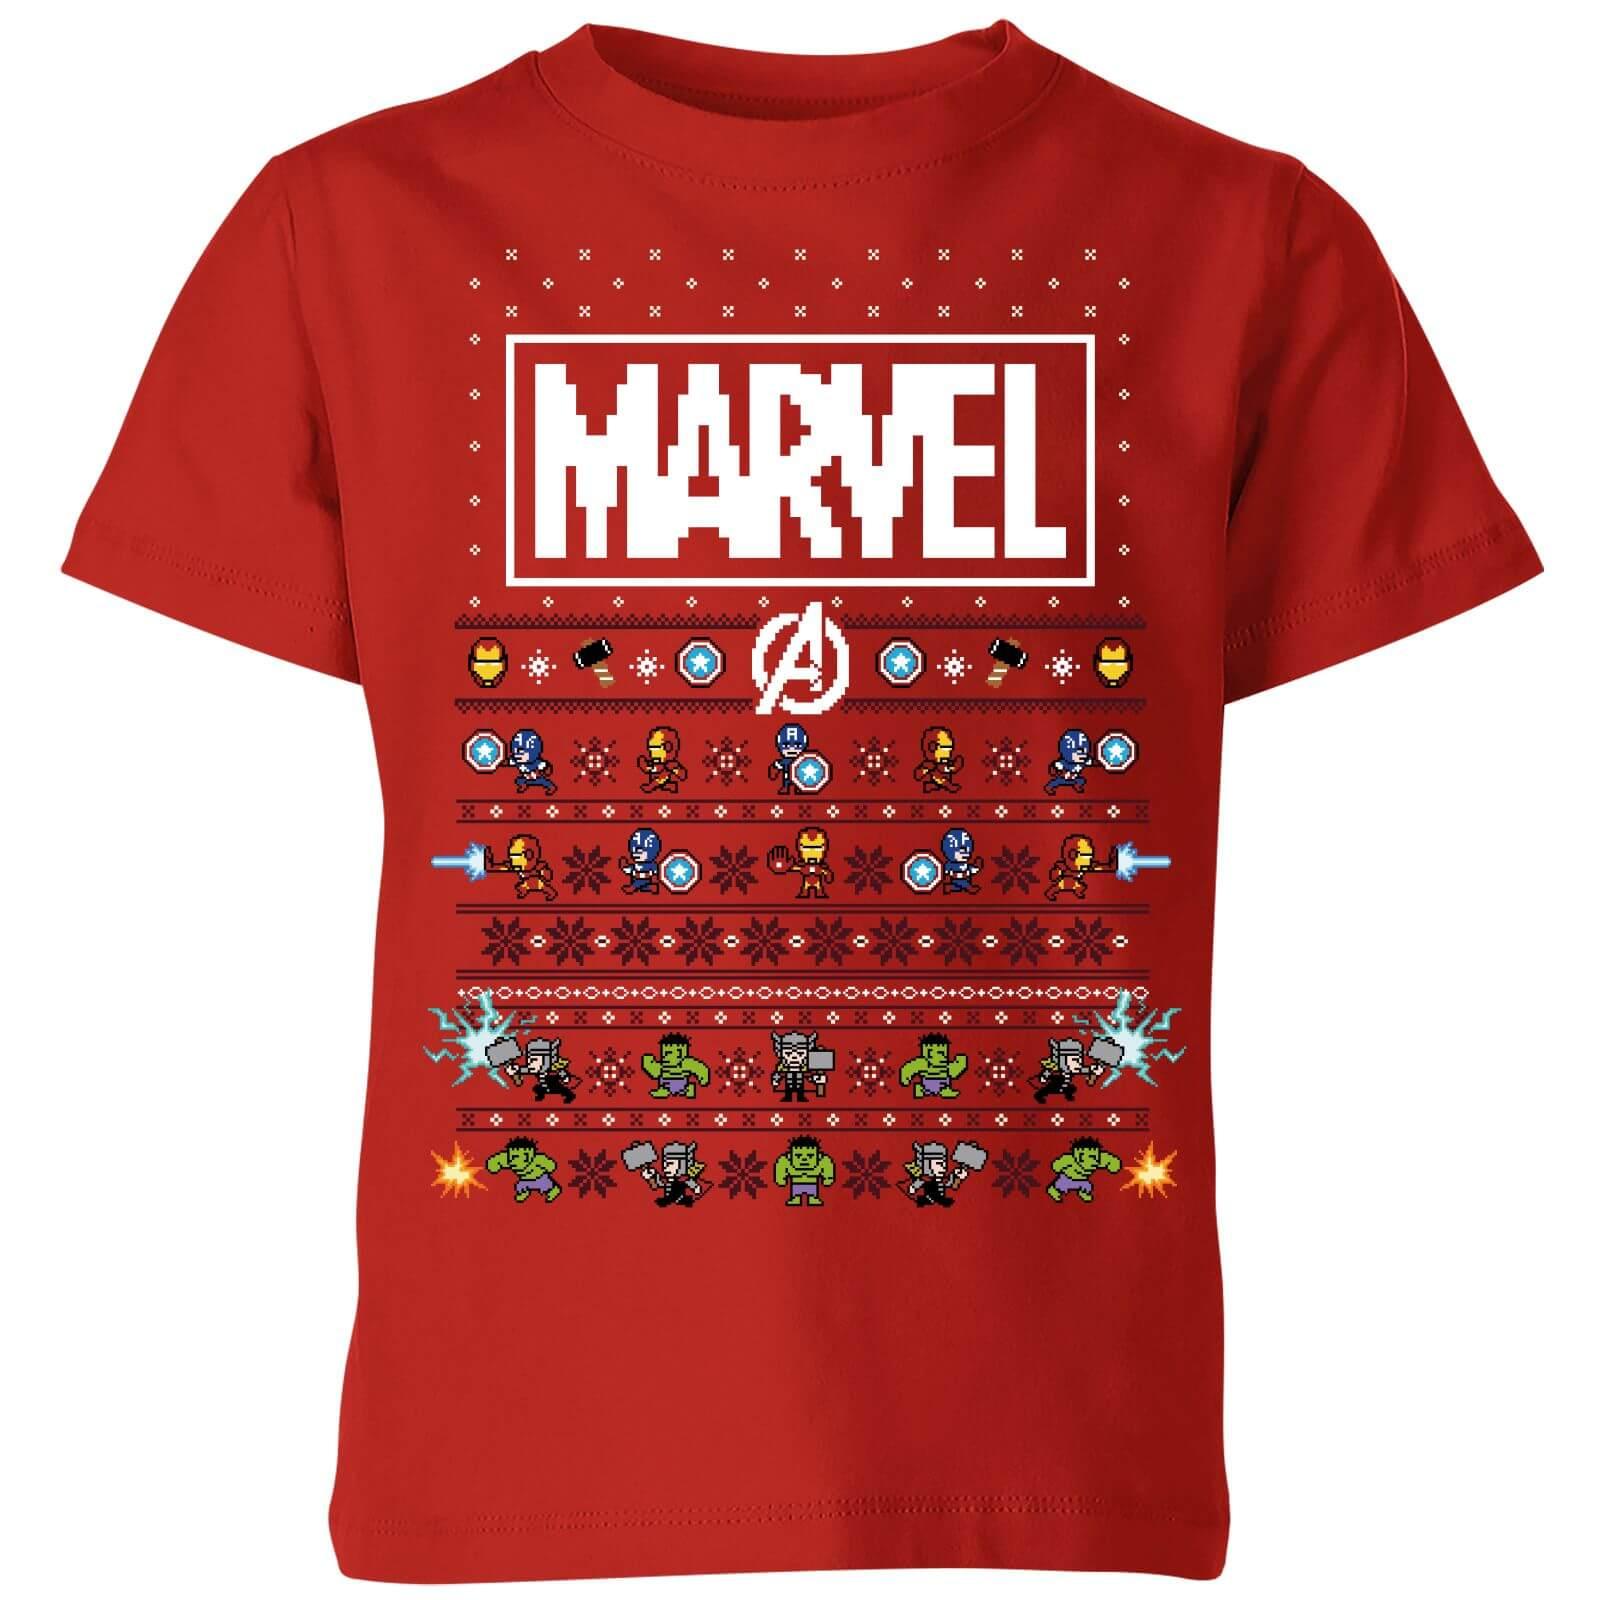 55df7cb6 Marvel Avengers Pixel Art Kids Christmas T-Shirt - Red